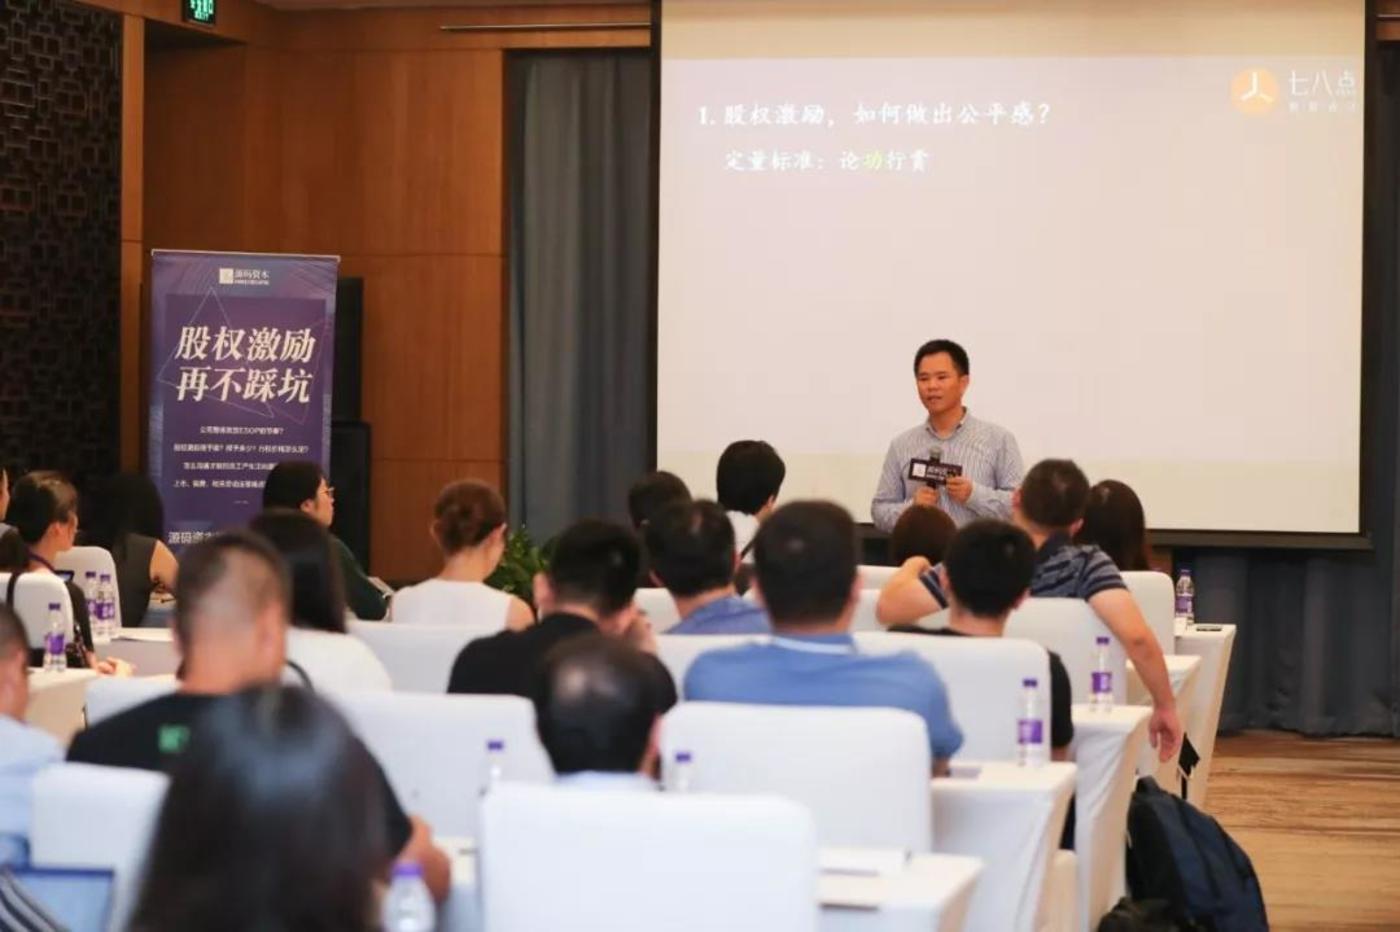 何德文先生,北京七八点股权设计事务所创始人 股权设计师 曾为小米等诸多互联网公司提供股权设计服务